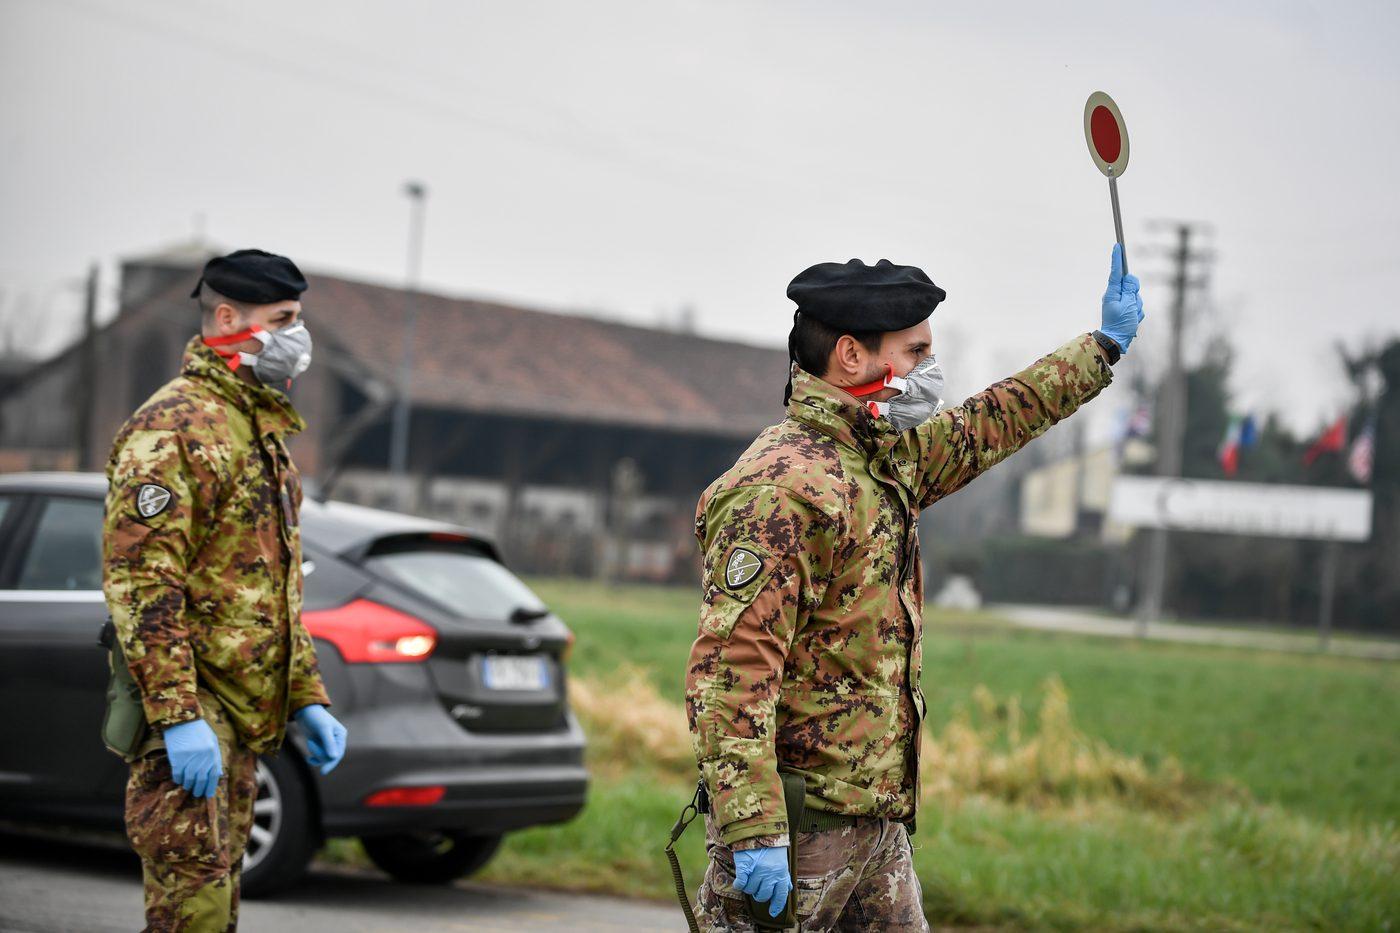 Risultato immagini per militari pattugliano strade per il coronavirus